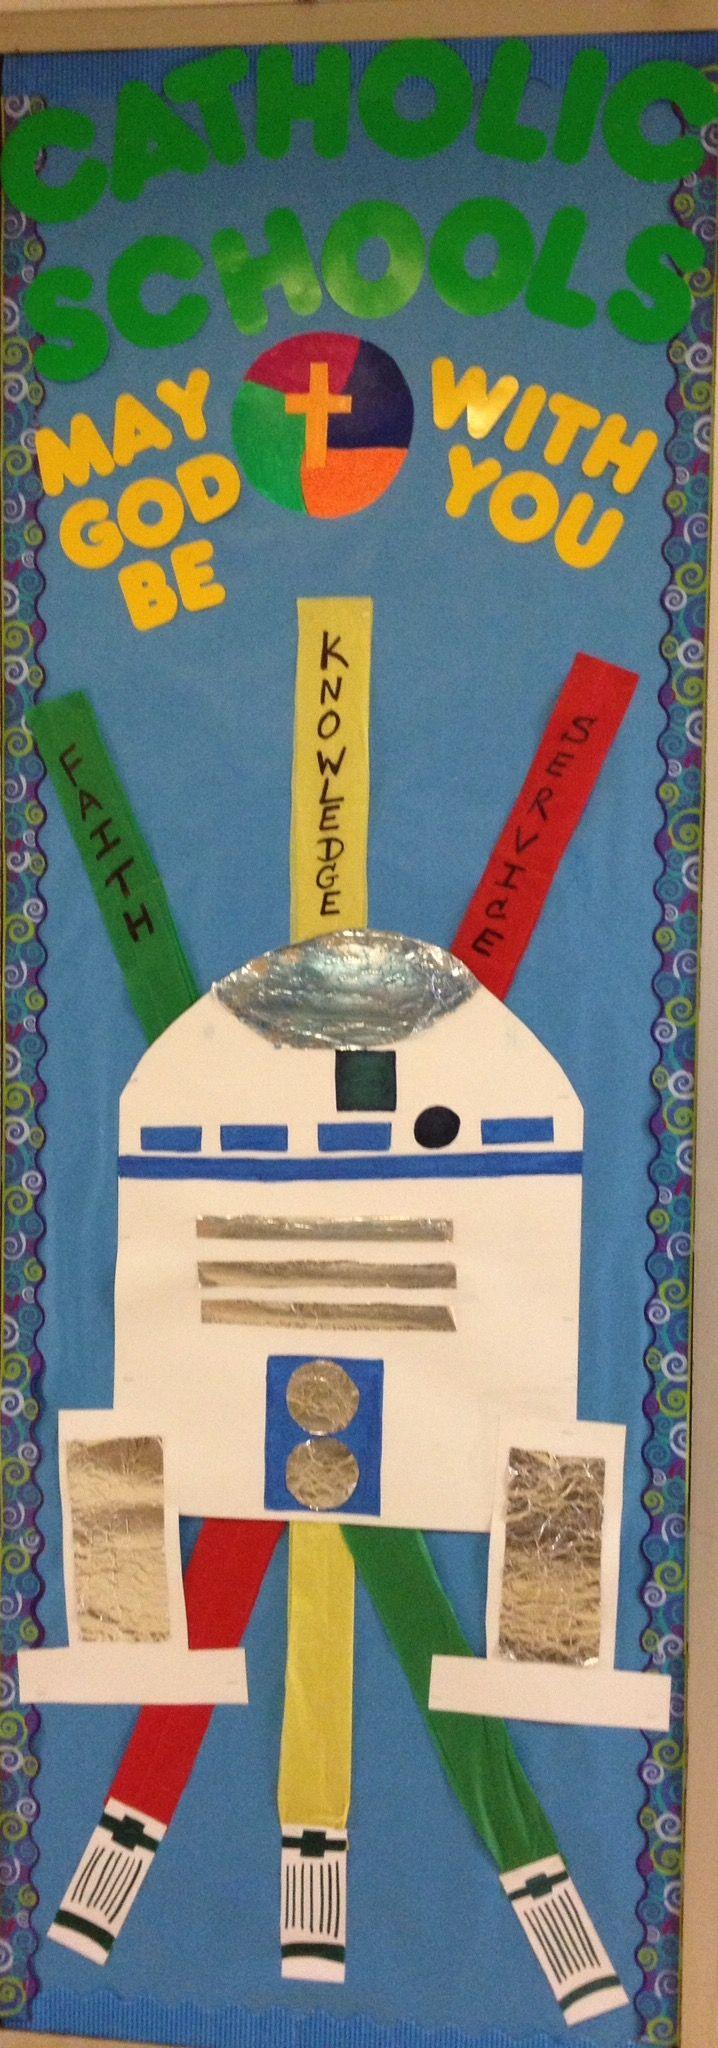 Catholic Schools Week Bulletin board idea.